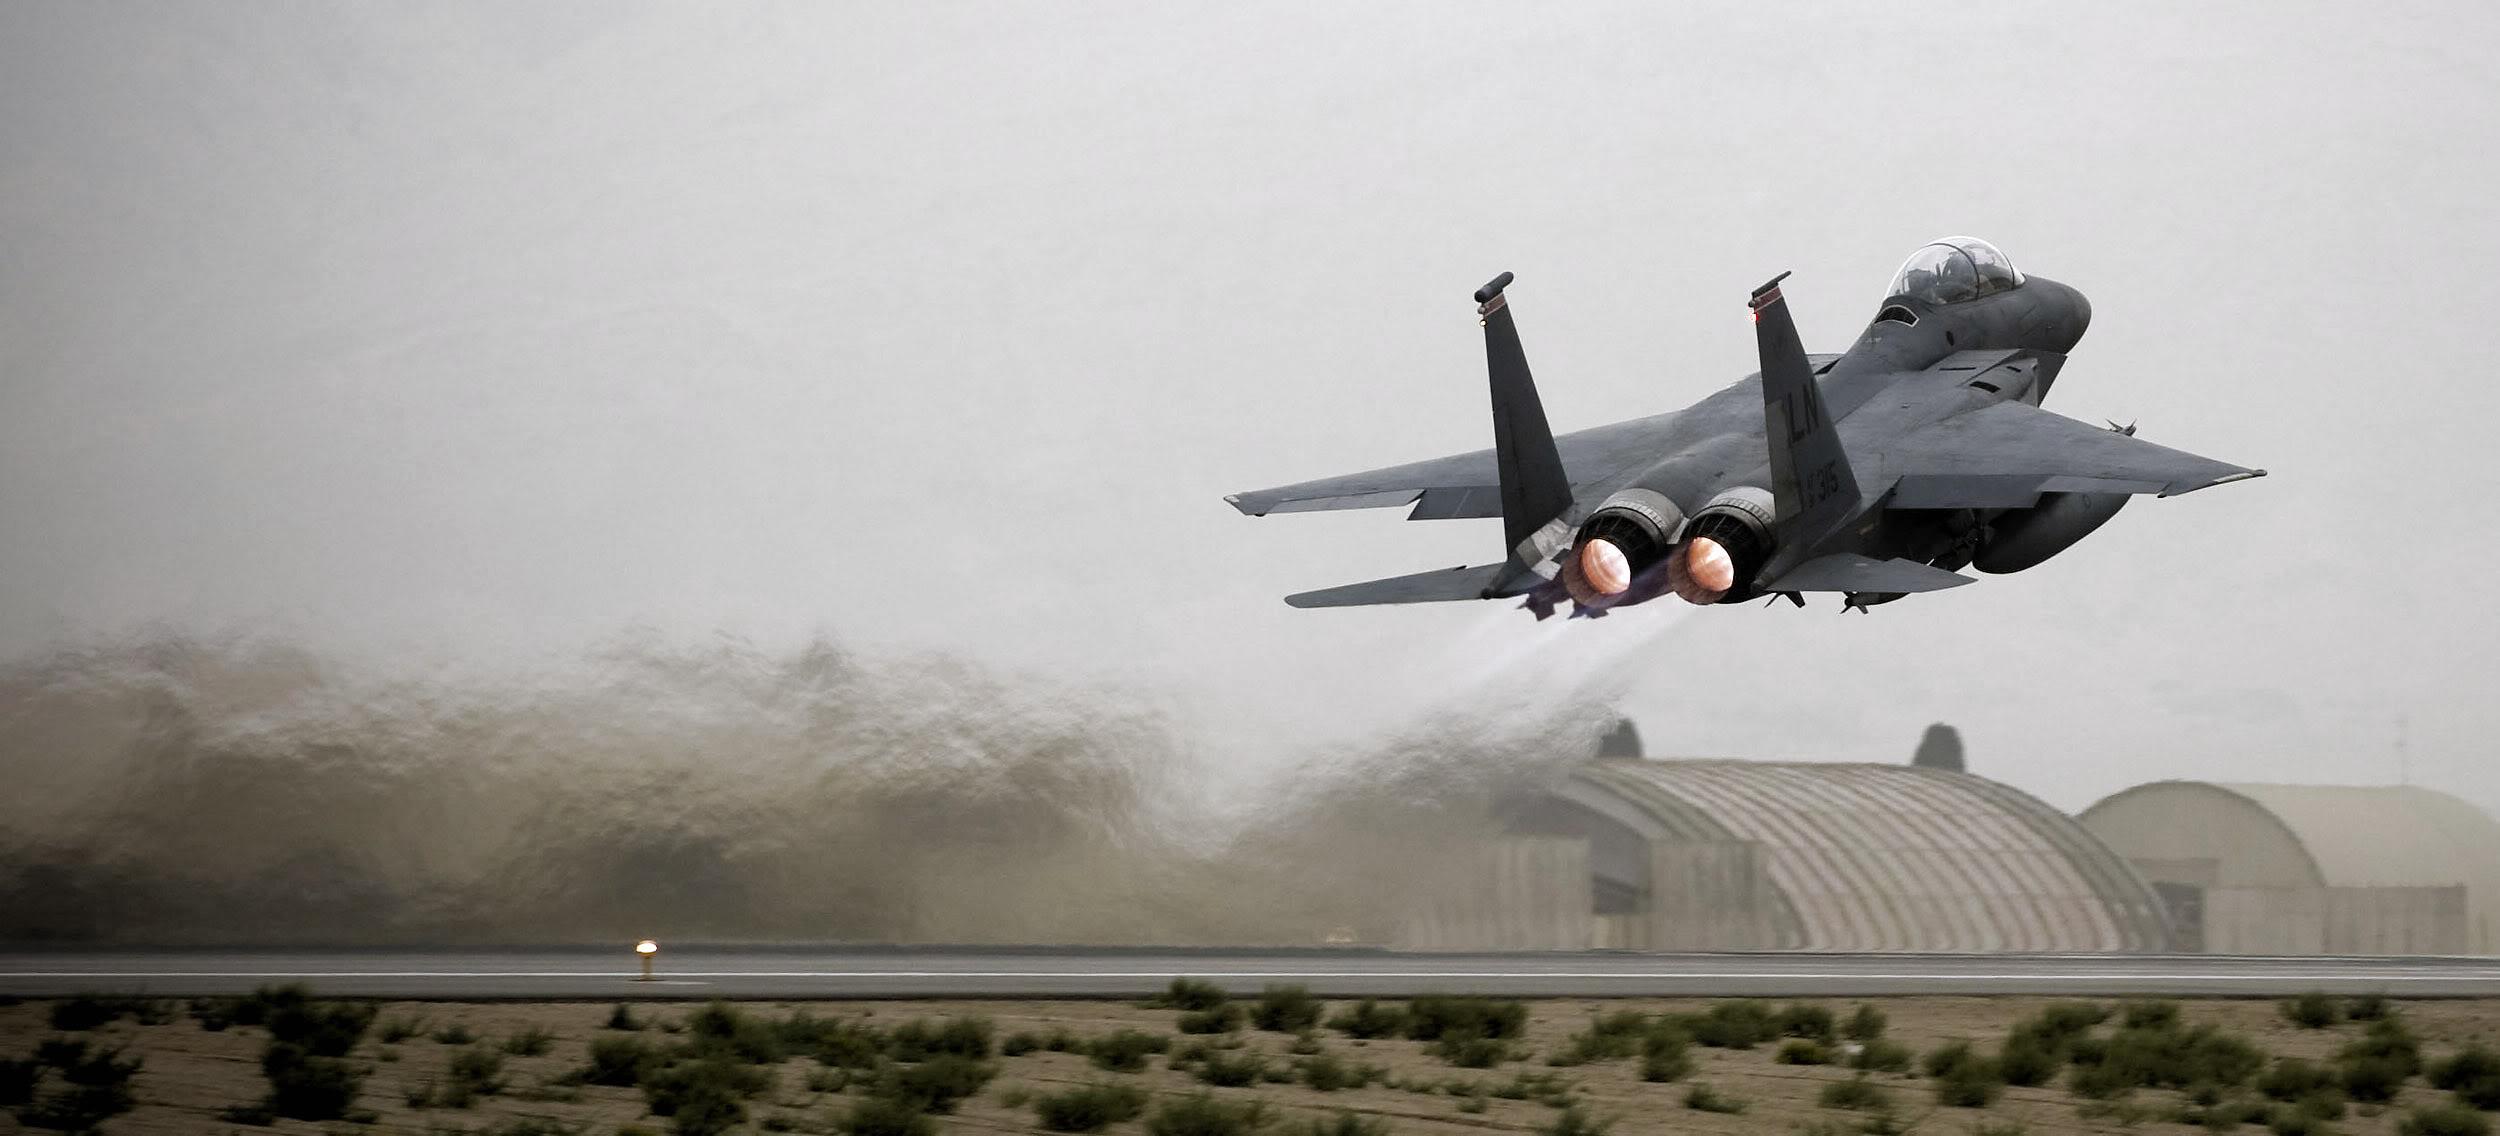 Free download Us Air Force Wallpaper Us air wallpaper